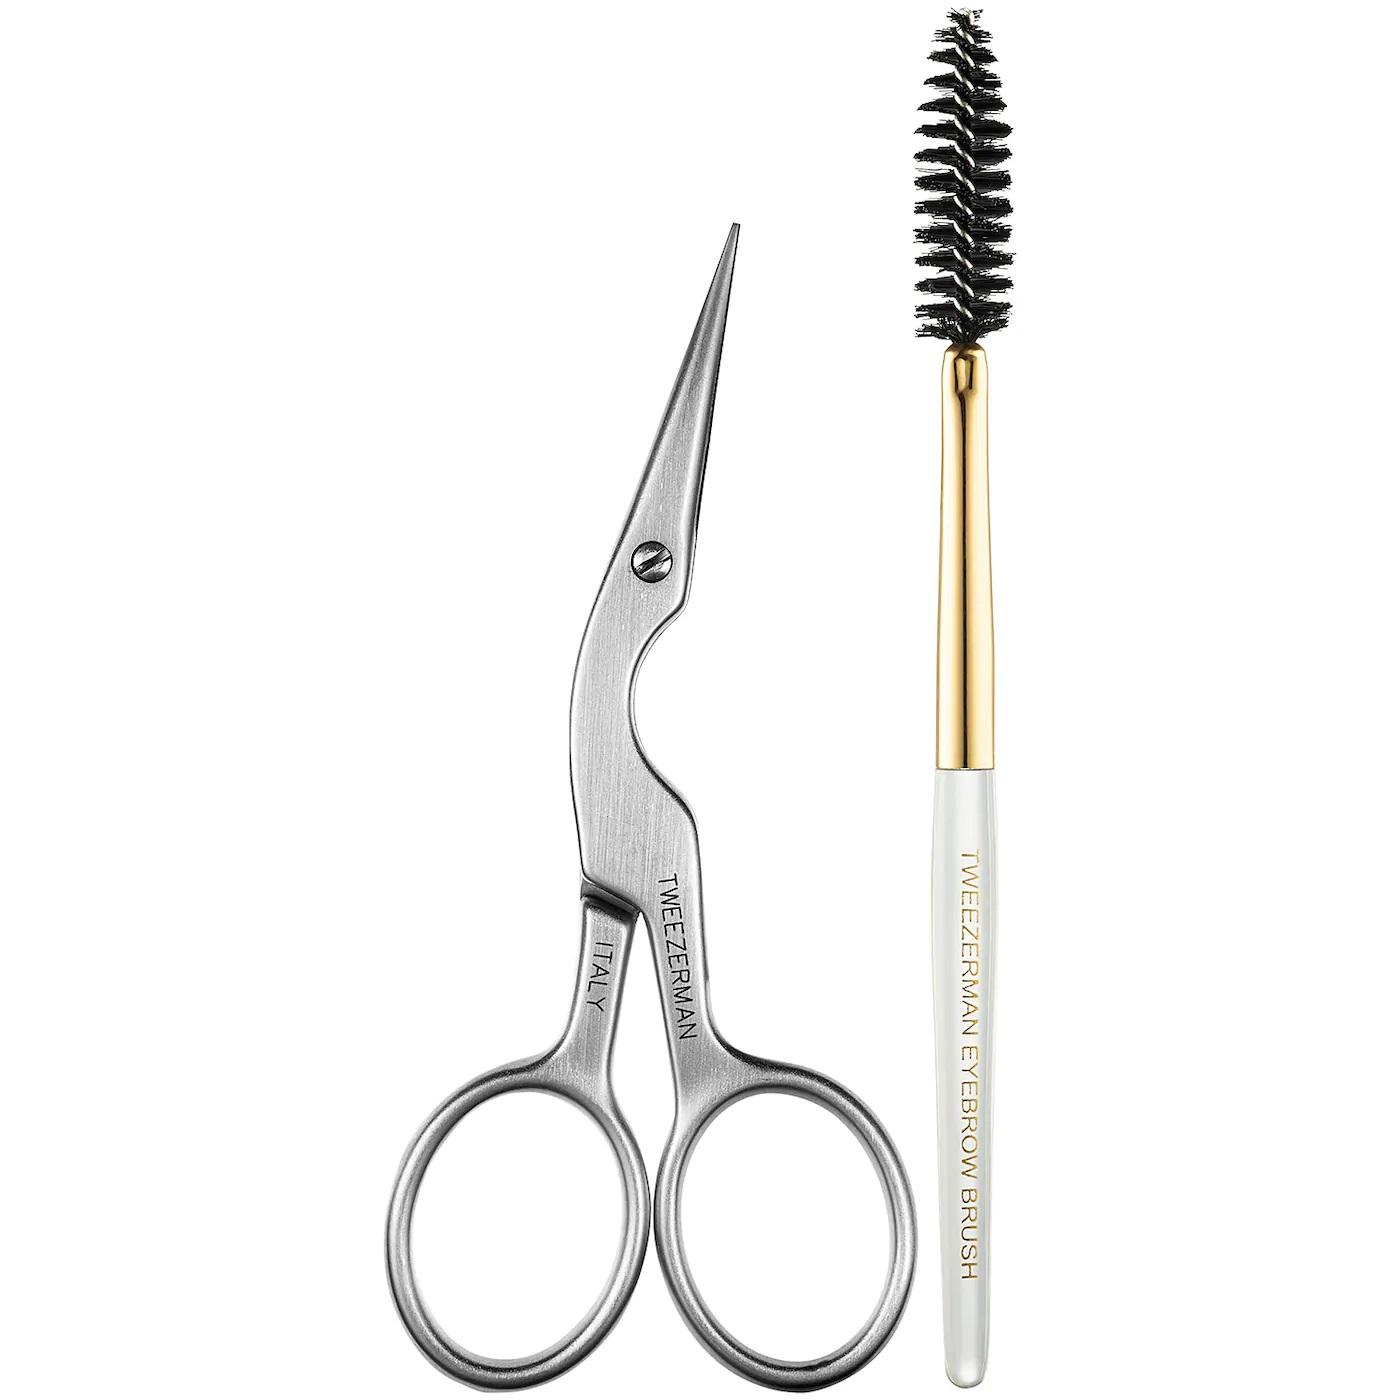 Un cepillo de cejas para poder domarlas de la manera que prefieras. Muchos vienen acompañados de tijeras especiales para cortar los vellos muy largos. Artículos de la marca Tweezerman, disponibles Sephora. (Suministrada)